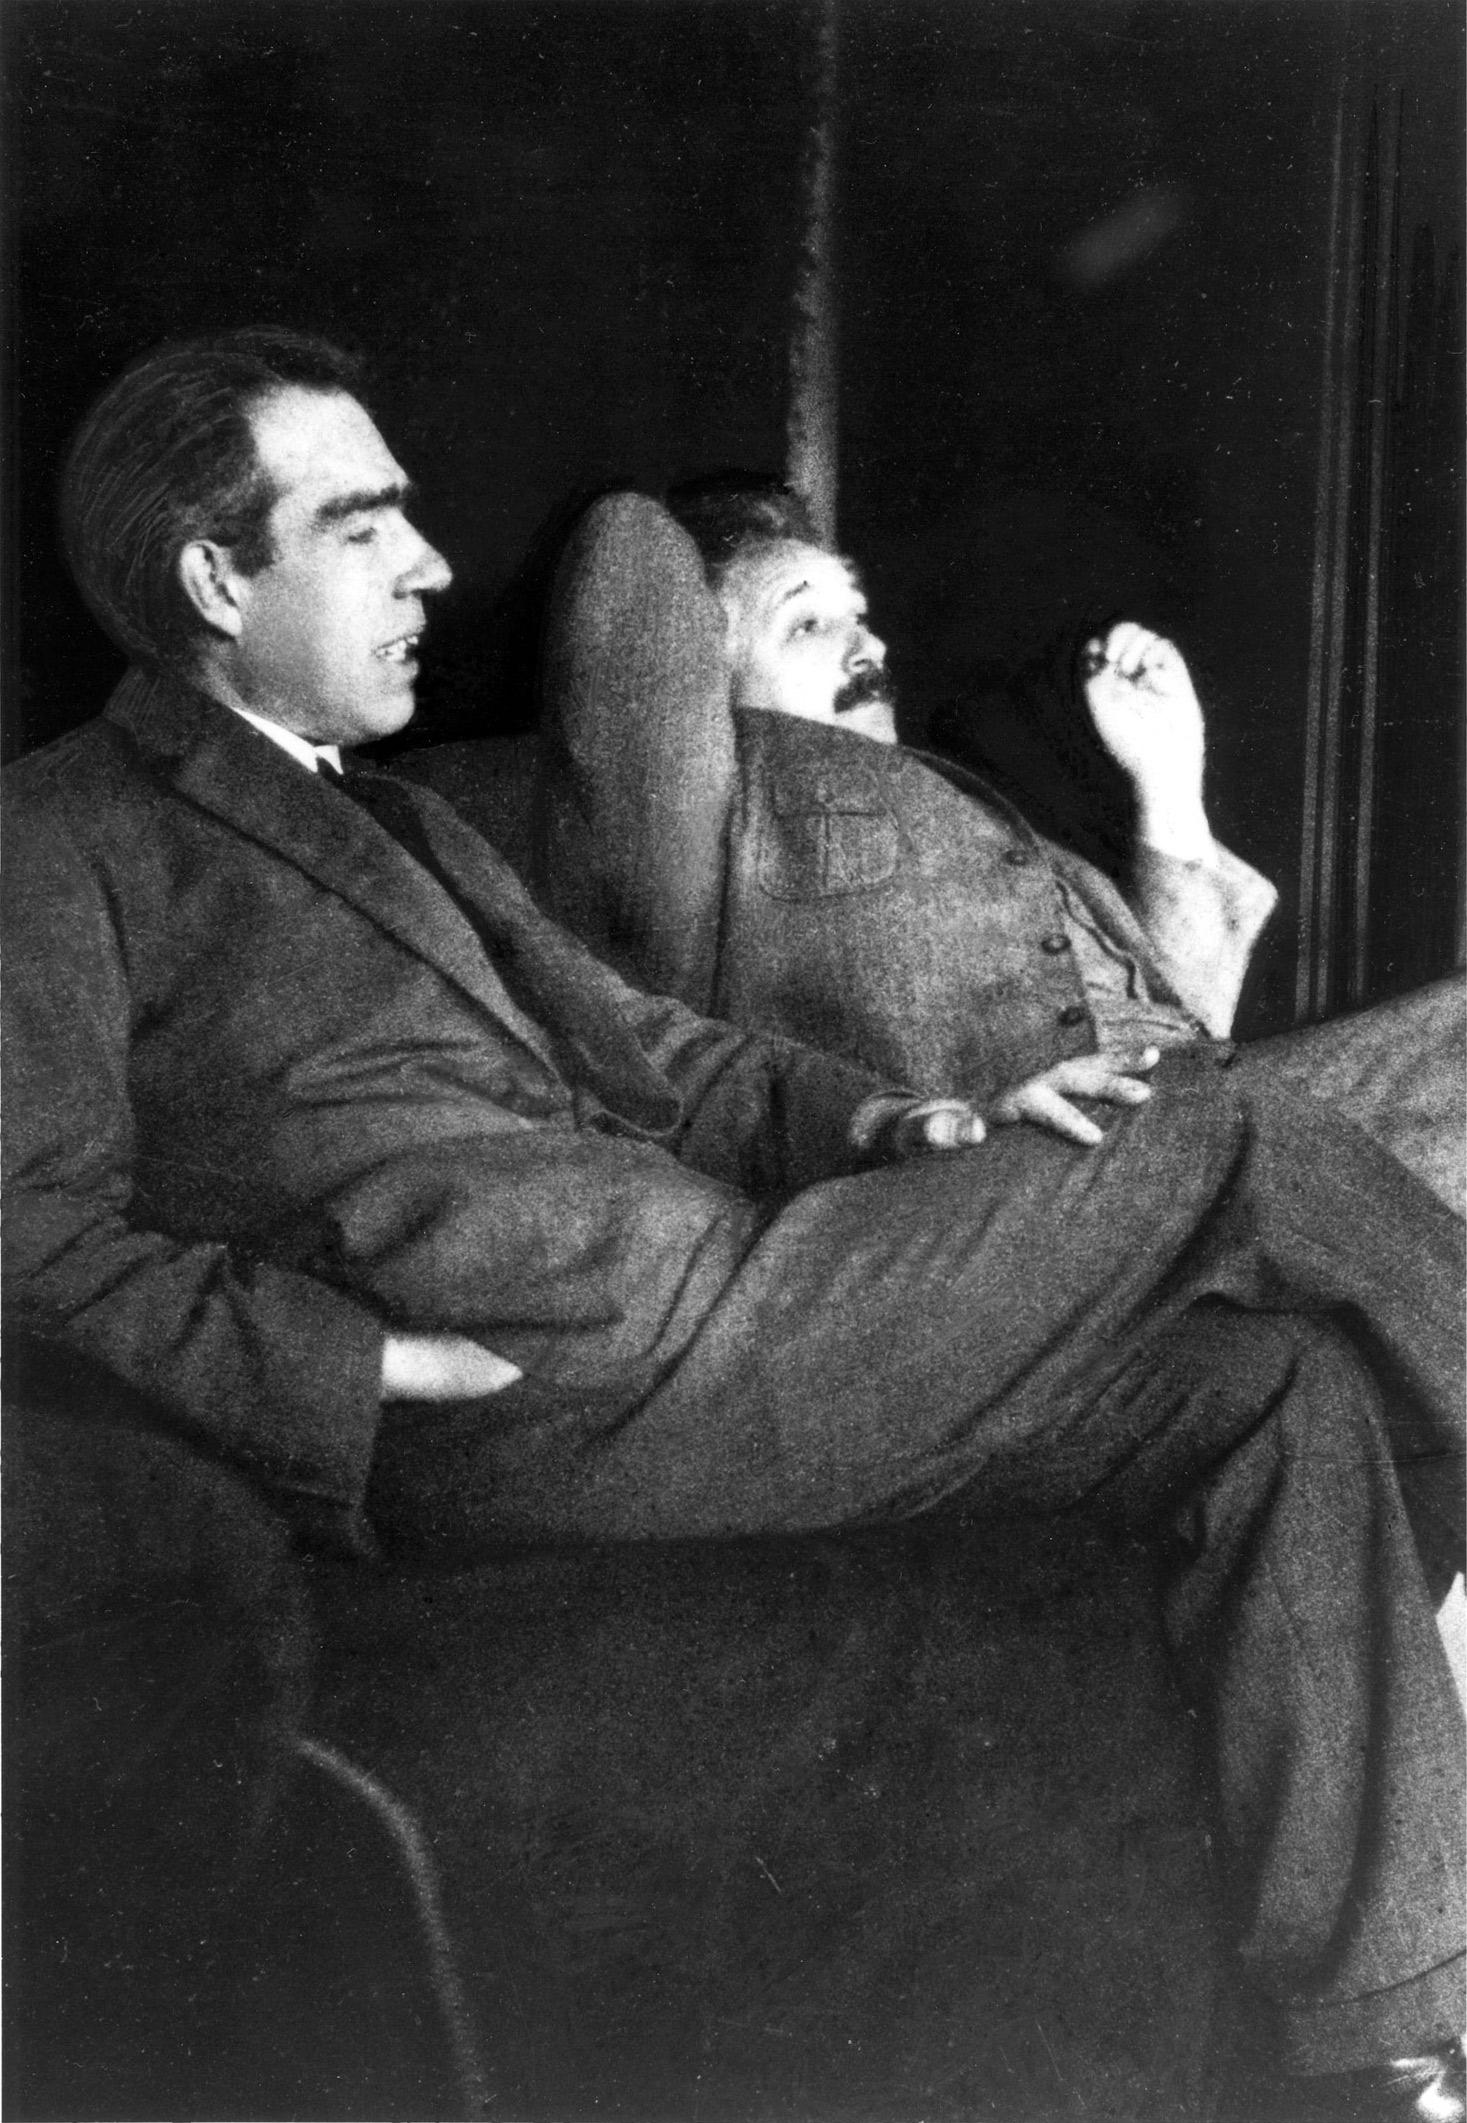 נילס בוהר, פיזיקאי דני ממוצא יהודי, נולד ב-1885 ונחשב לצד איינשטיין לאחד התורמים החשובים ביותר למכניקת הקוונטים. על מחקריו בתחום זכה ב-1922 בפרס נובל. הידידות בין השניים נמשכה עד לפטירתו של איינשטיין. איינשטיין ובוהר, 1925